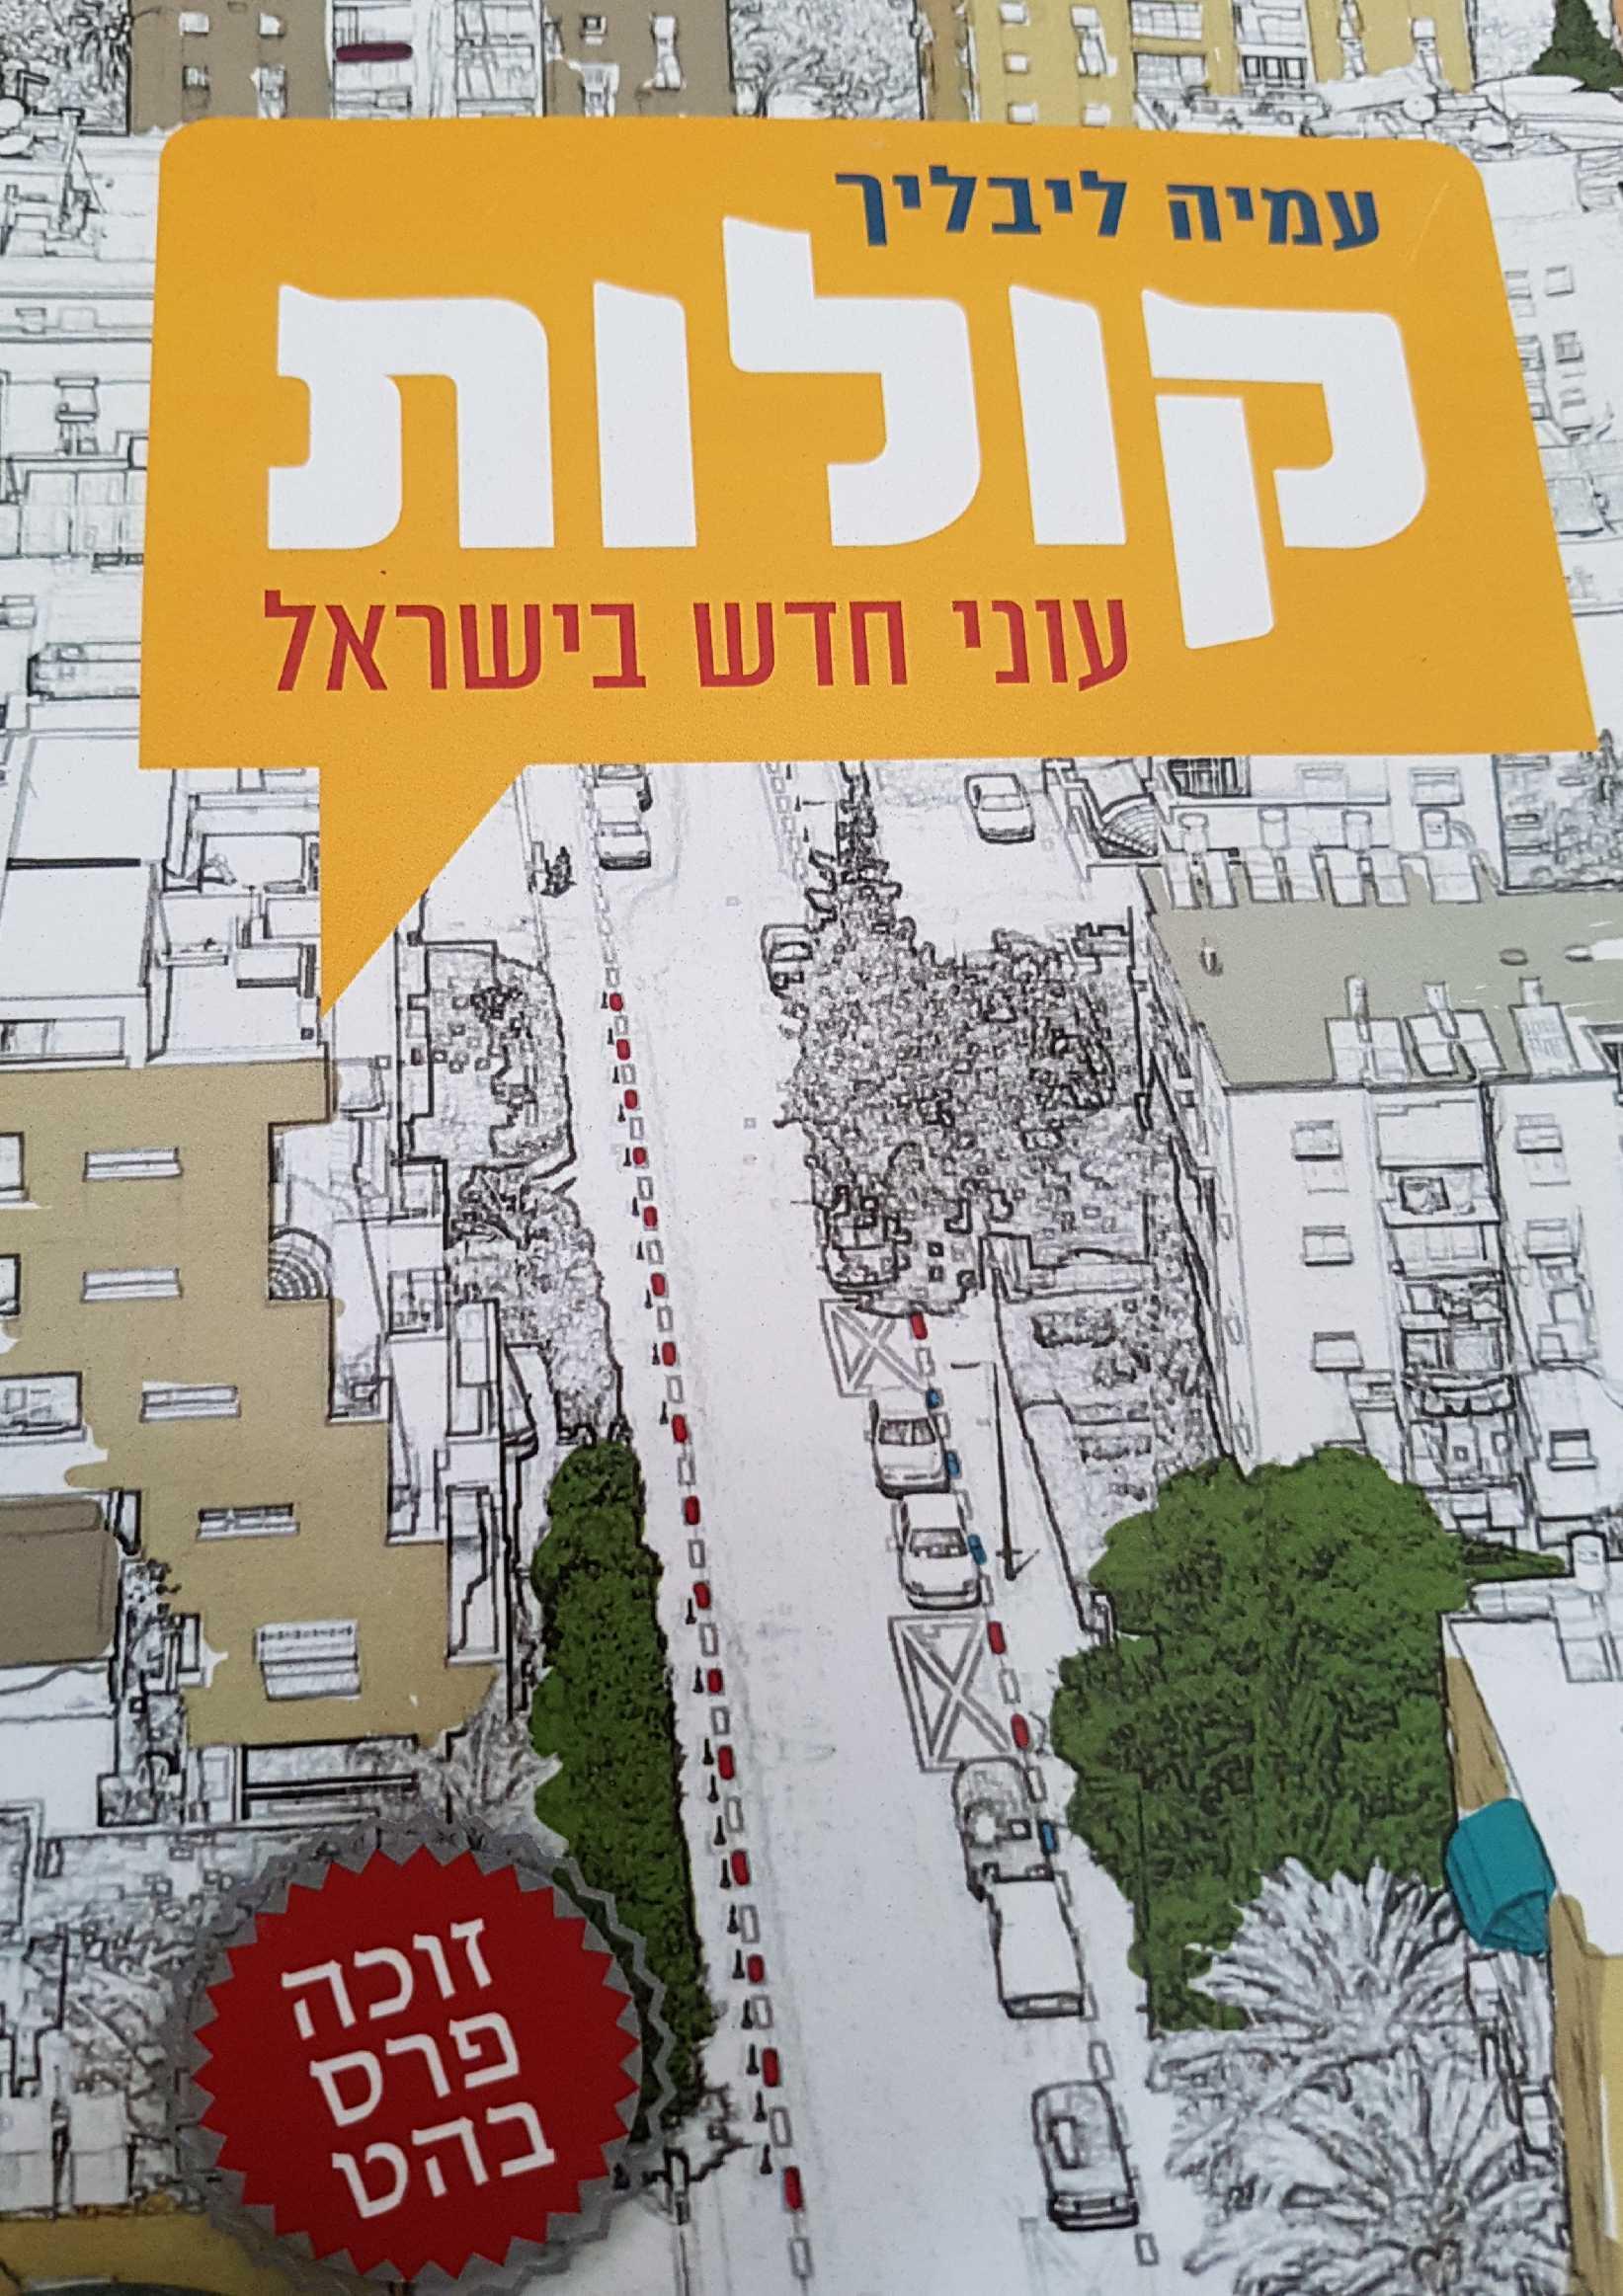 עטיפת הספר: קולות: עוני חדש בישראל (שלומית שרביט ברזילי)